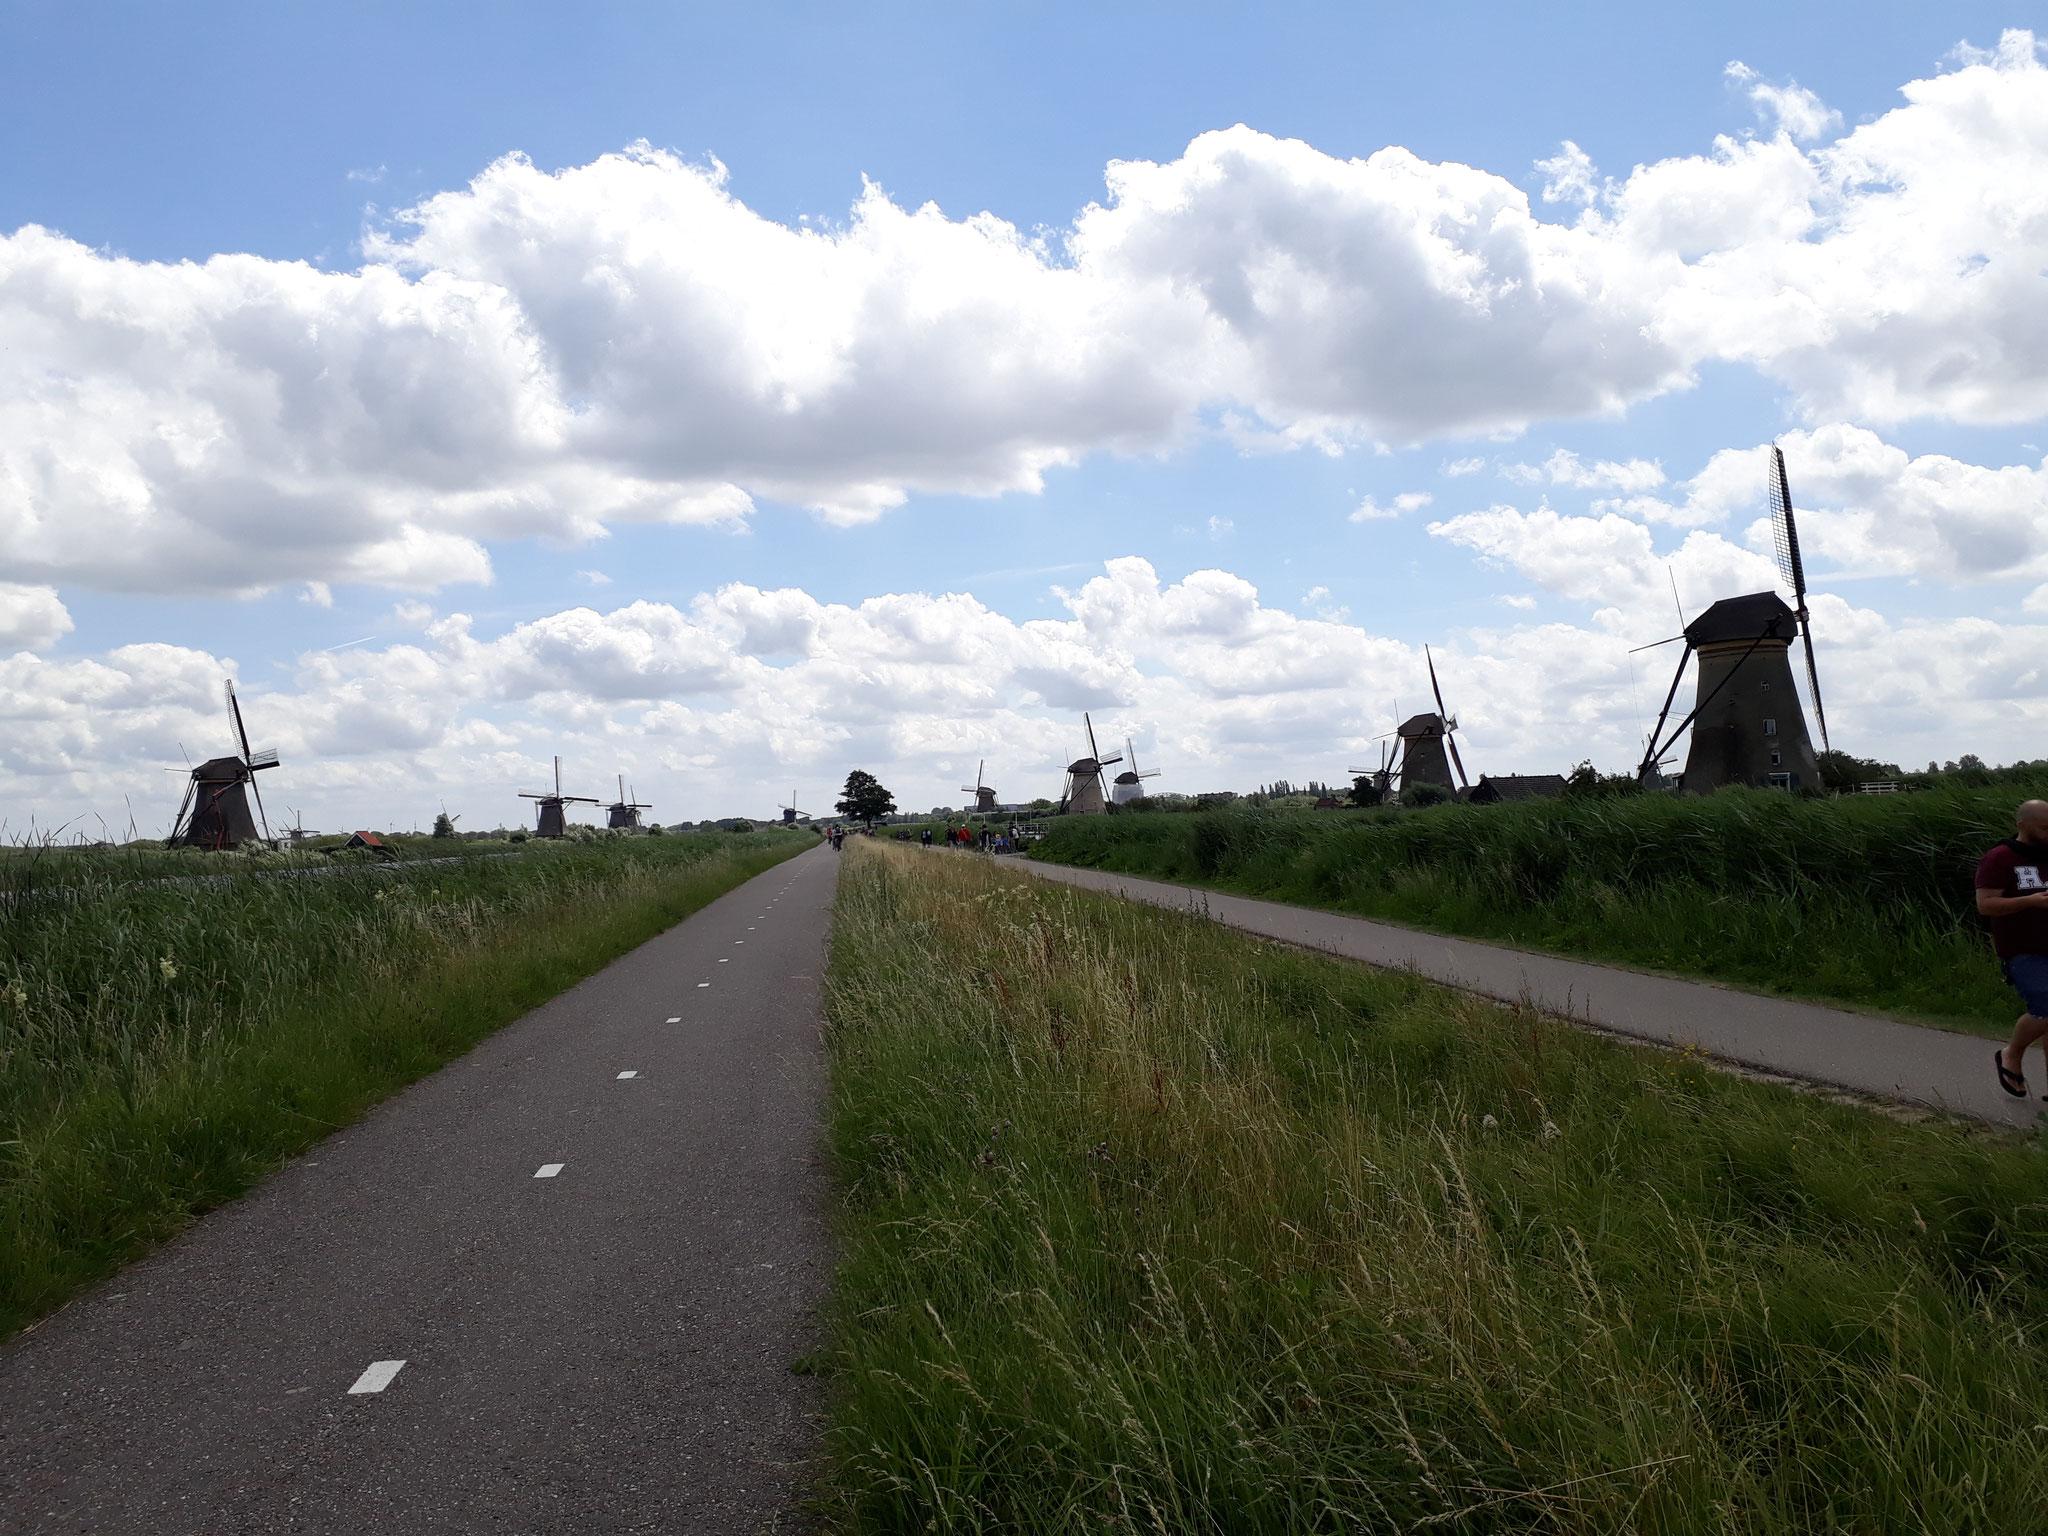 Immer mehr Windmühlen tauchen auf...